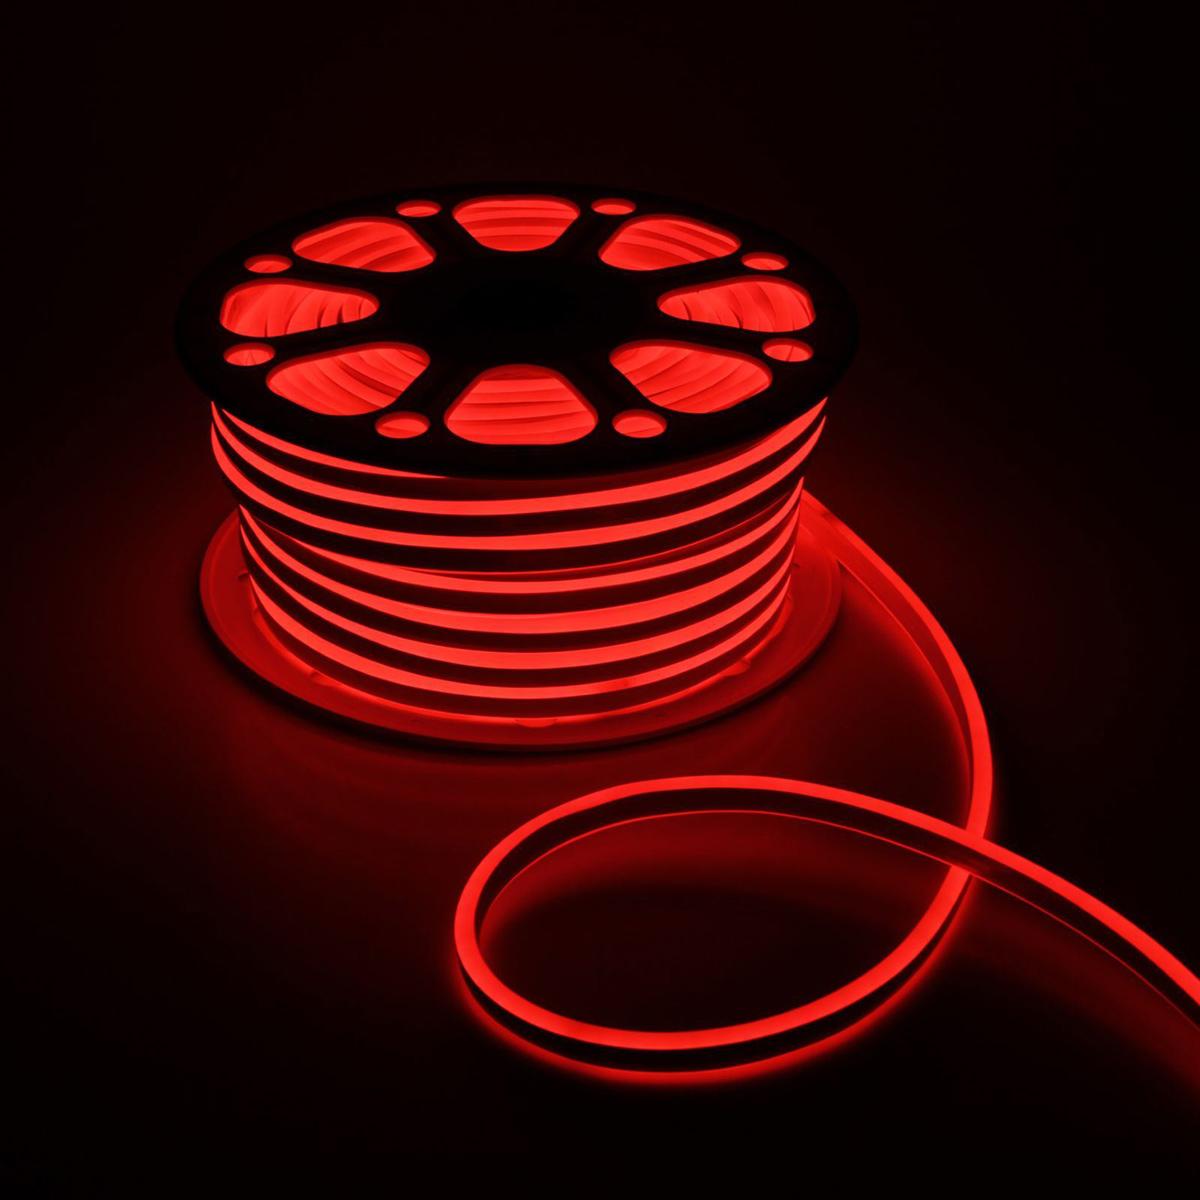 Гирлянда светодиодная Luazon, 120 ламп, 220 V, цвет: красный, 0,8 см х 1,8 см х 50 м. 14312881431288Светодиодные гирлянды, ленты и т.д — это отличный вариант для новогоднего оформления интерьера или фасада. С их помощью помещение любого размера можно превратить в праздничный зал, а внешние элементы зданий, украшенные ими, мгновенно станут напоминать очертания сказочного дворца. Такие украшения создают ауру предвкушения чуда. Деревья, фасады, витрины, окна и арки будто специально созданы, чтобы вы украсили их светящимися нитями.